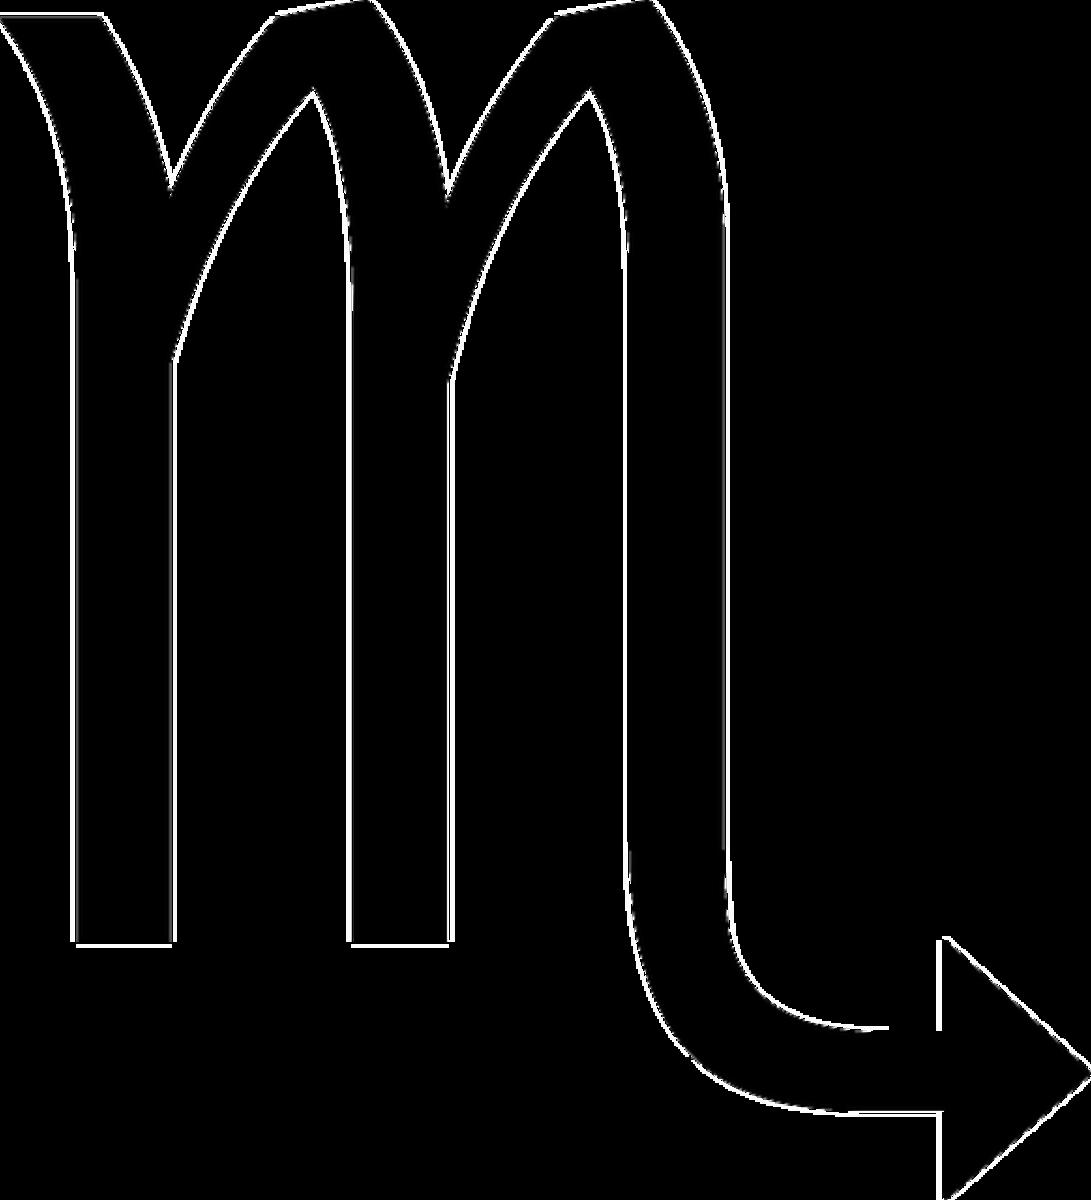 Scorpio's symbol